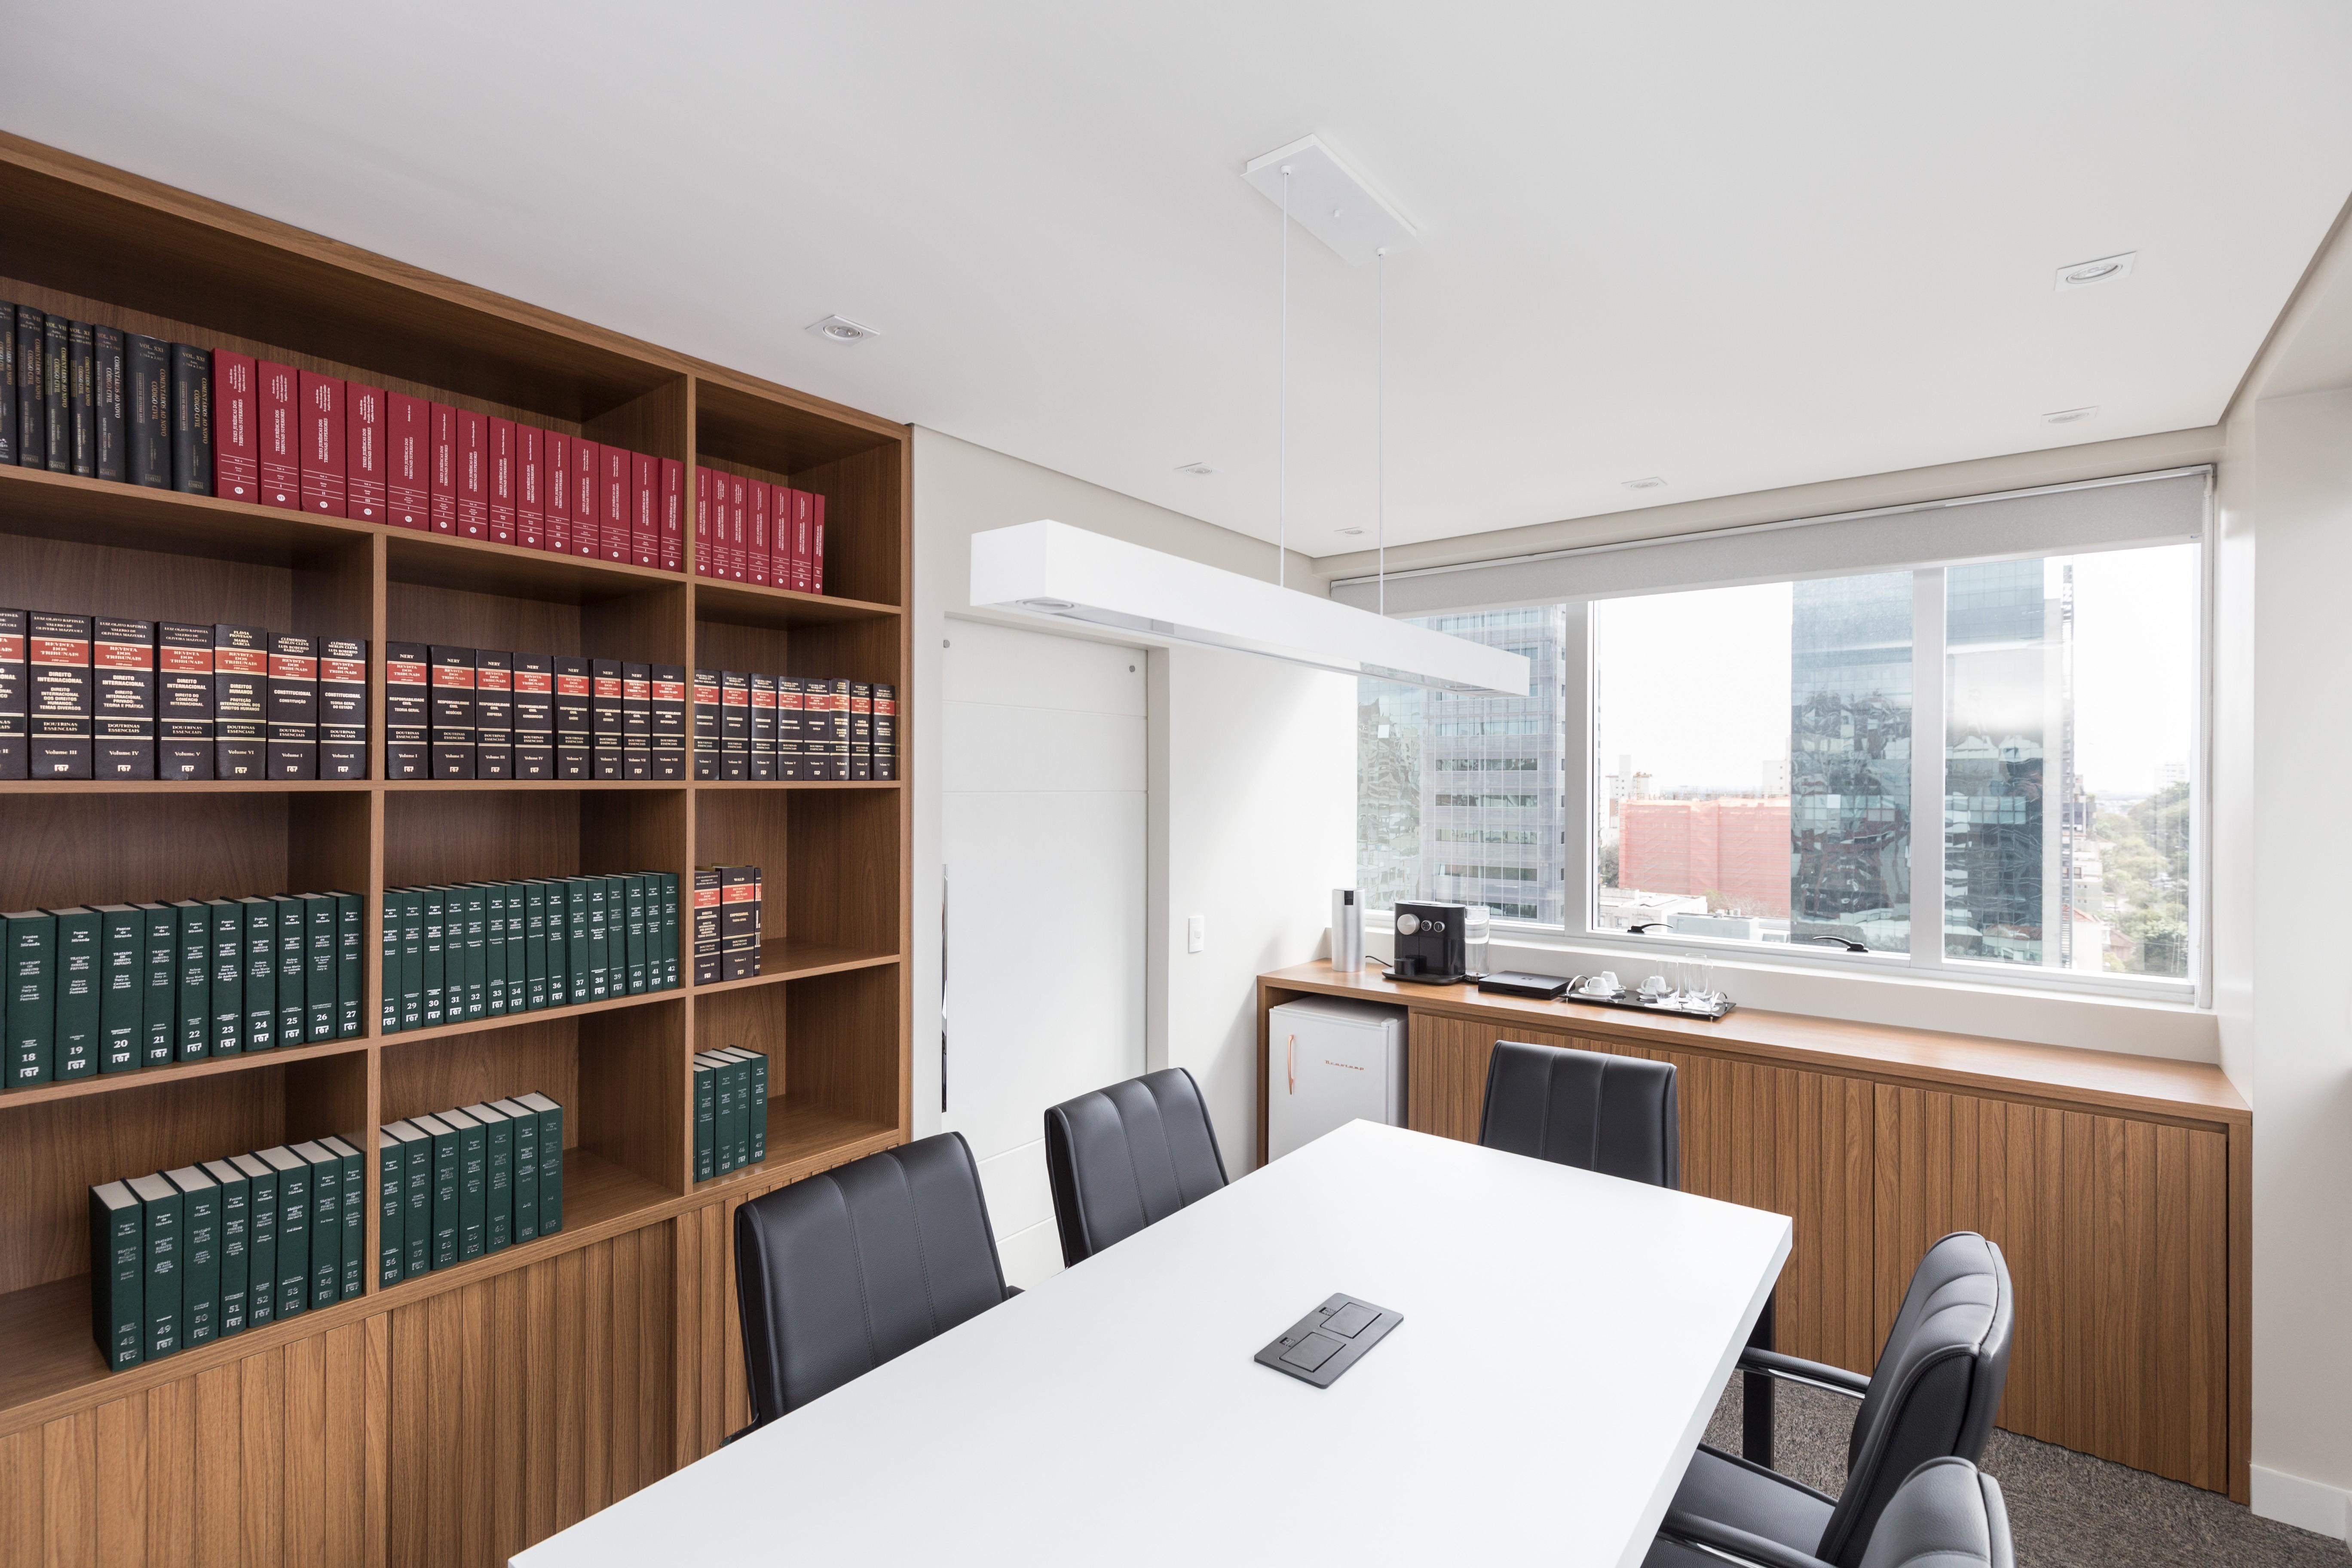 COMERCIAIS - Escritório de Advocacia - Mariland-PANDORGA ARQ. STUDIO